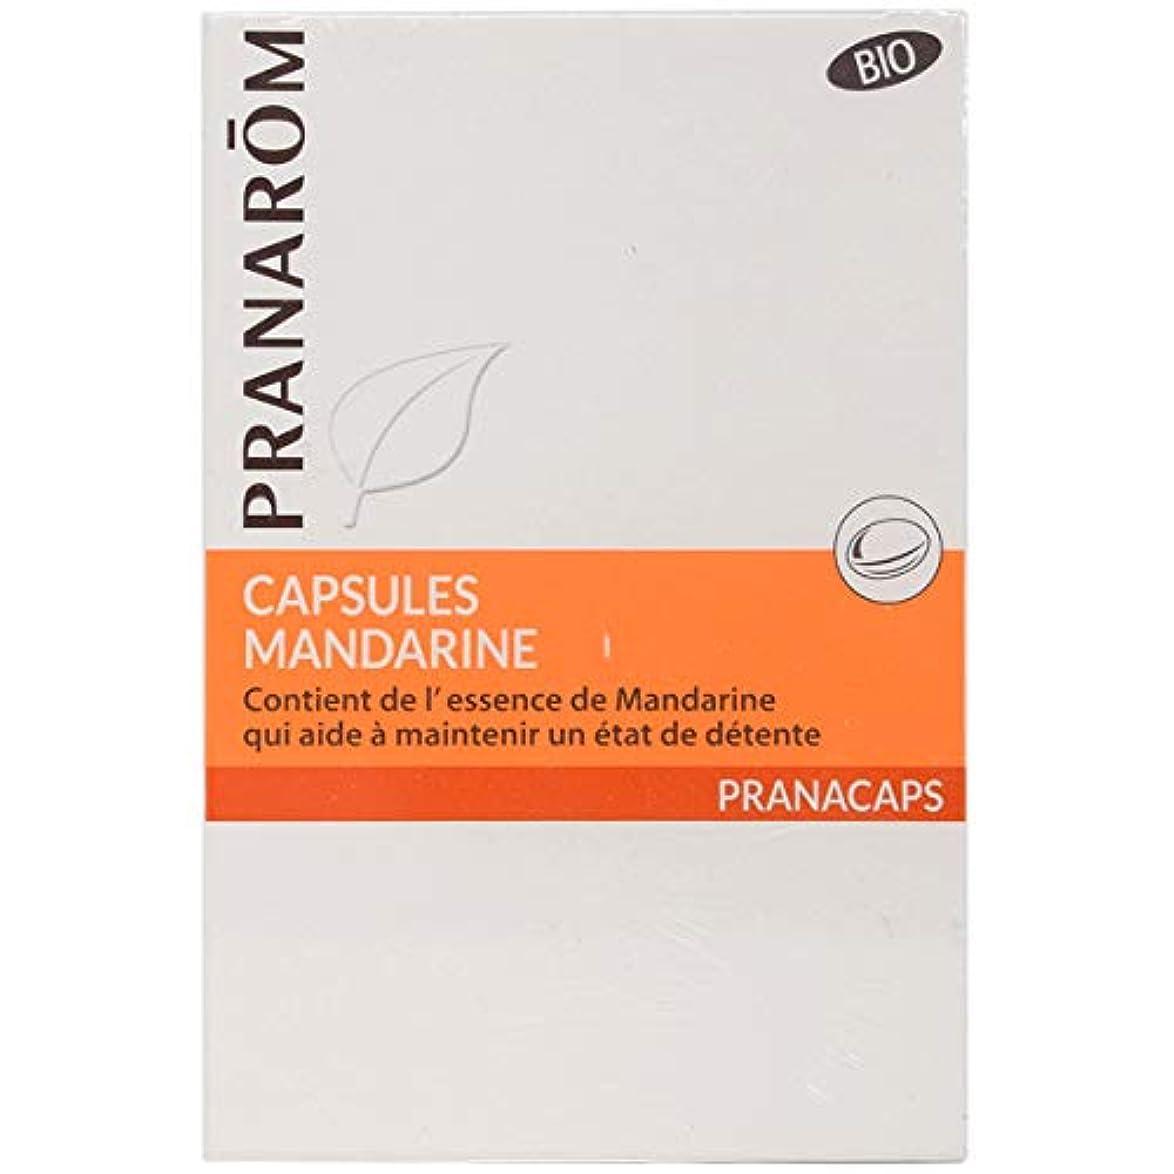 負南方の恵みプラナロム マンダリンカプセル 30粒 (PRANAROM サプリメント)